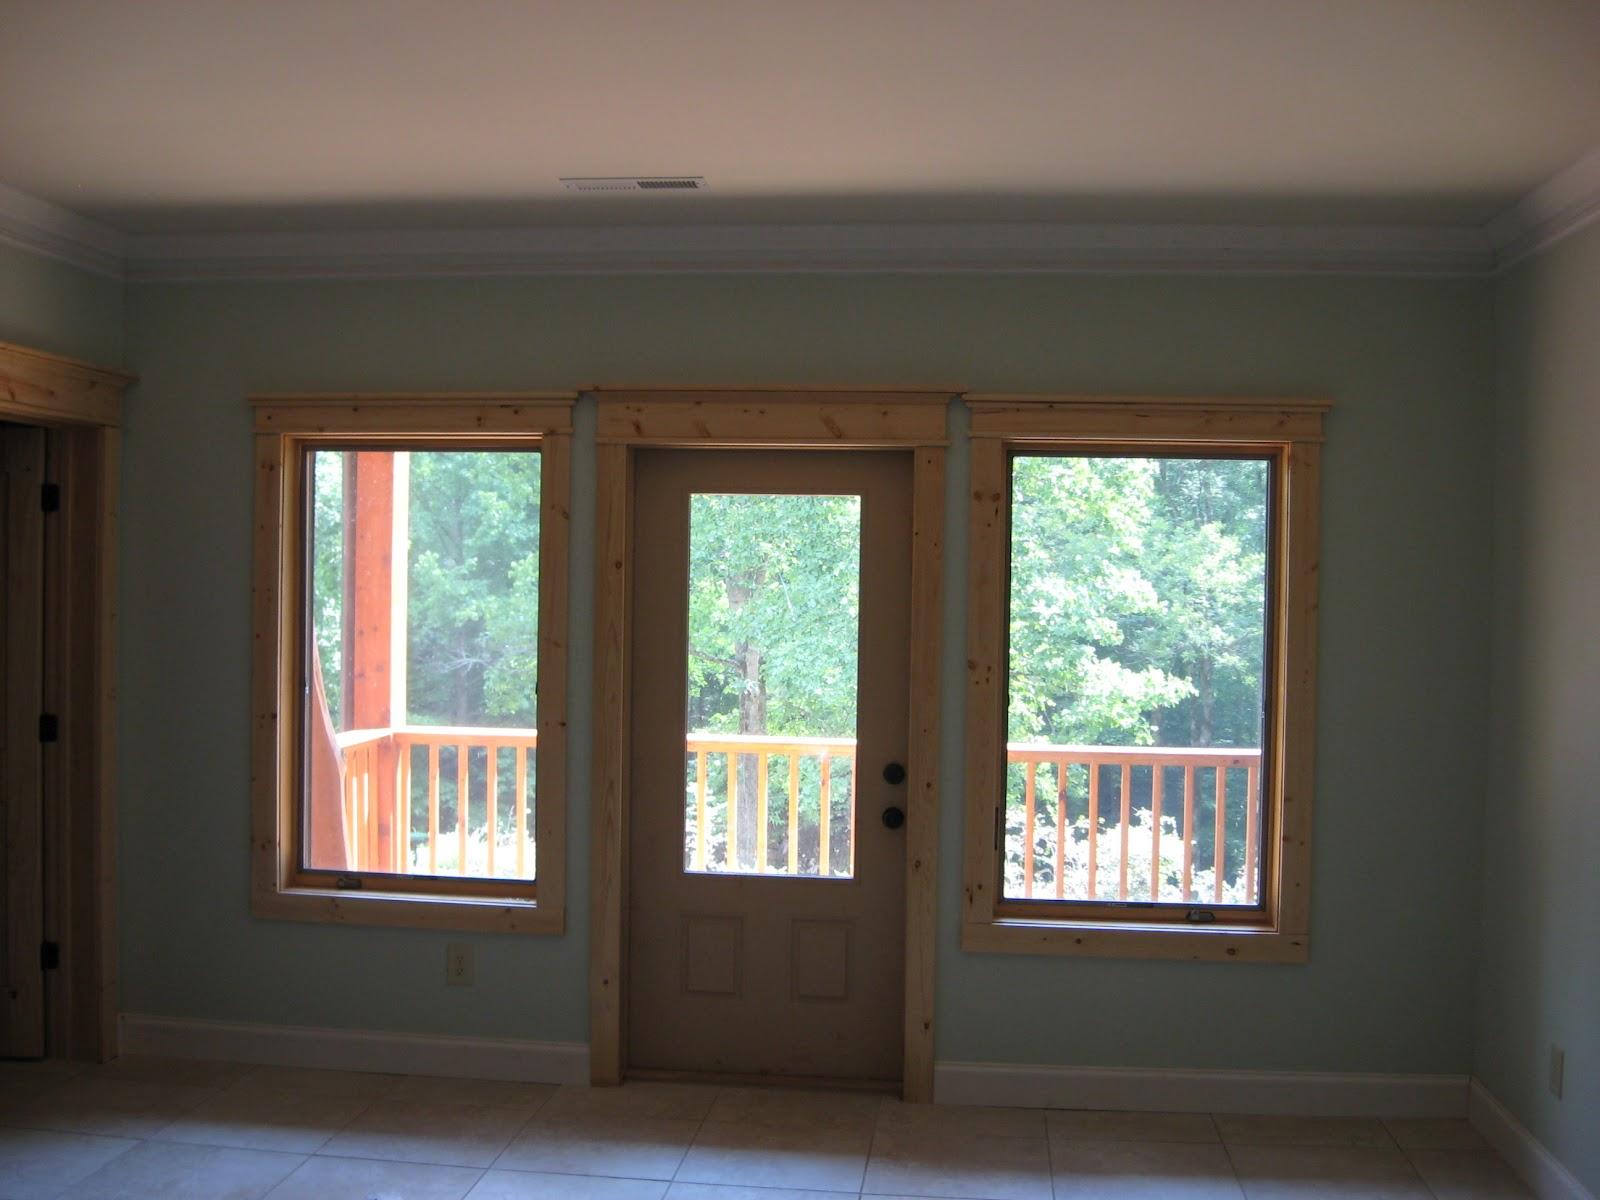 Dufour woodworks door window trim and crown molding for The door and the window